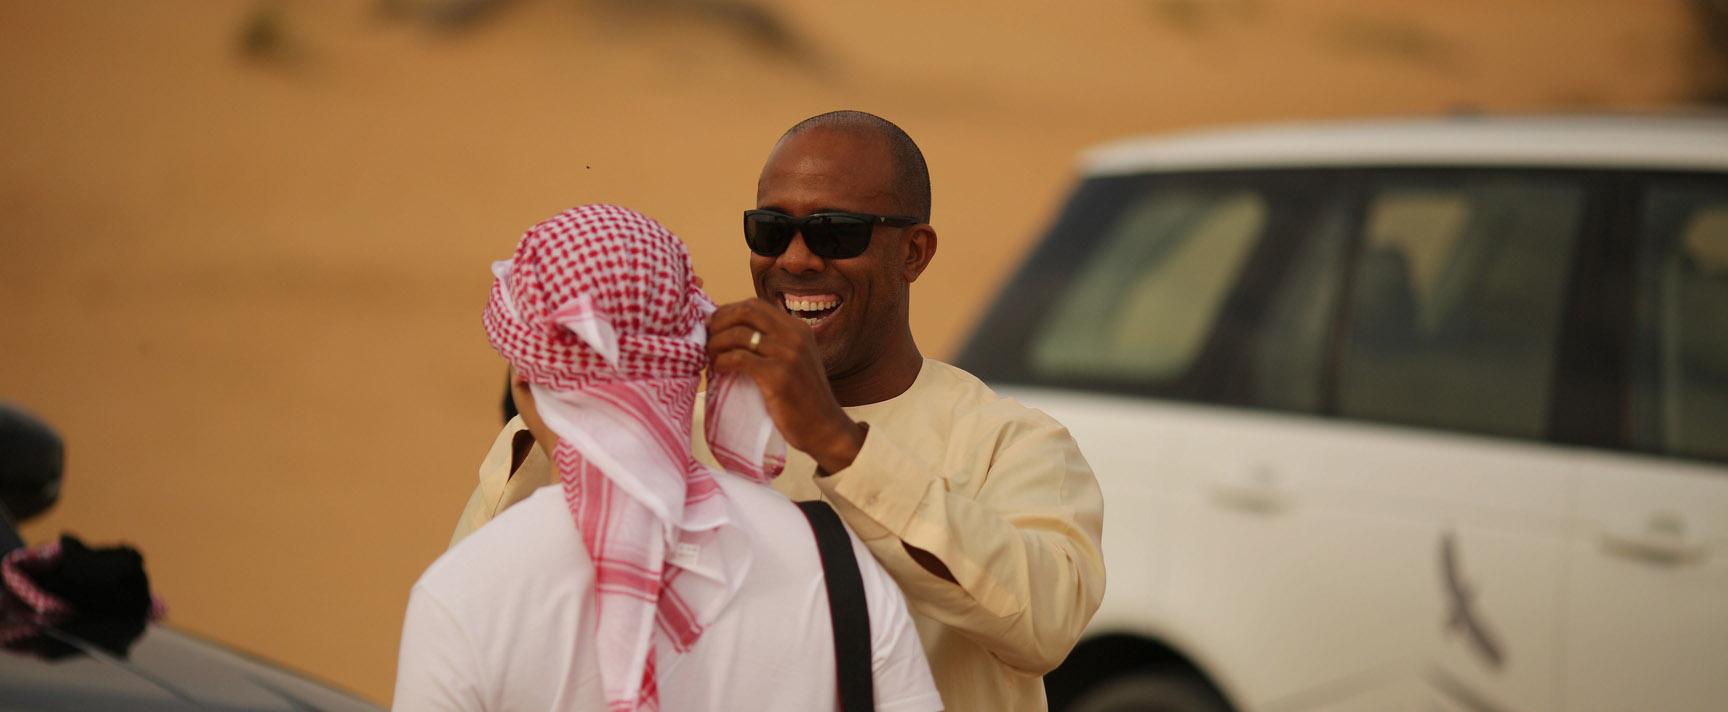 Tying The Arabic Headscarf Scarf Diagram